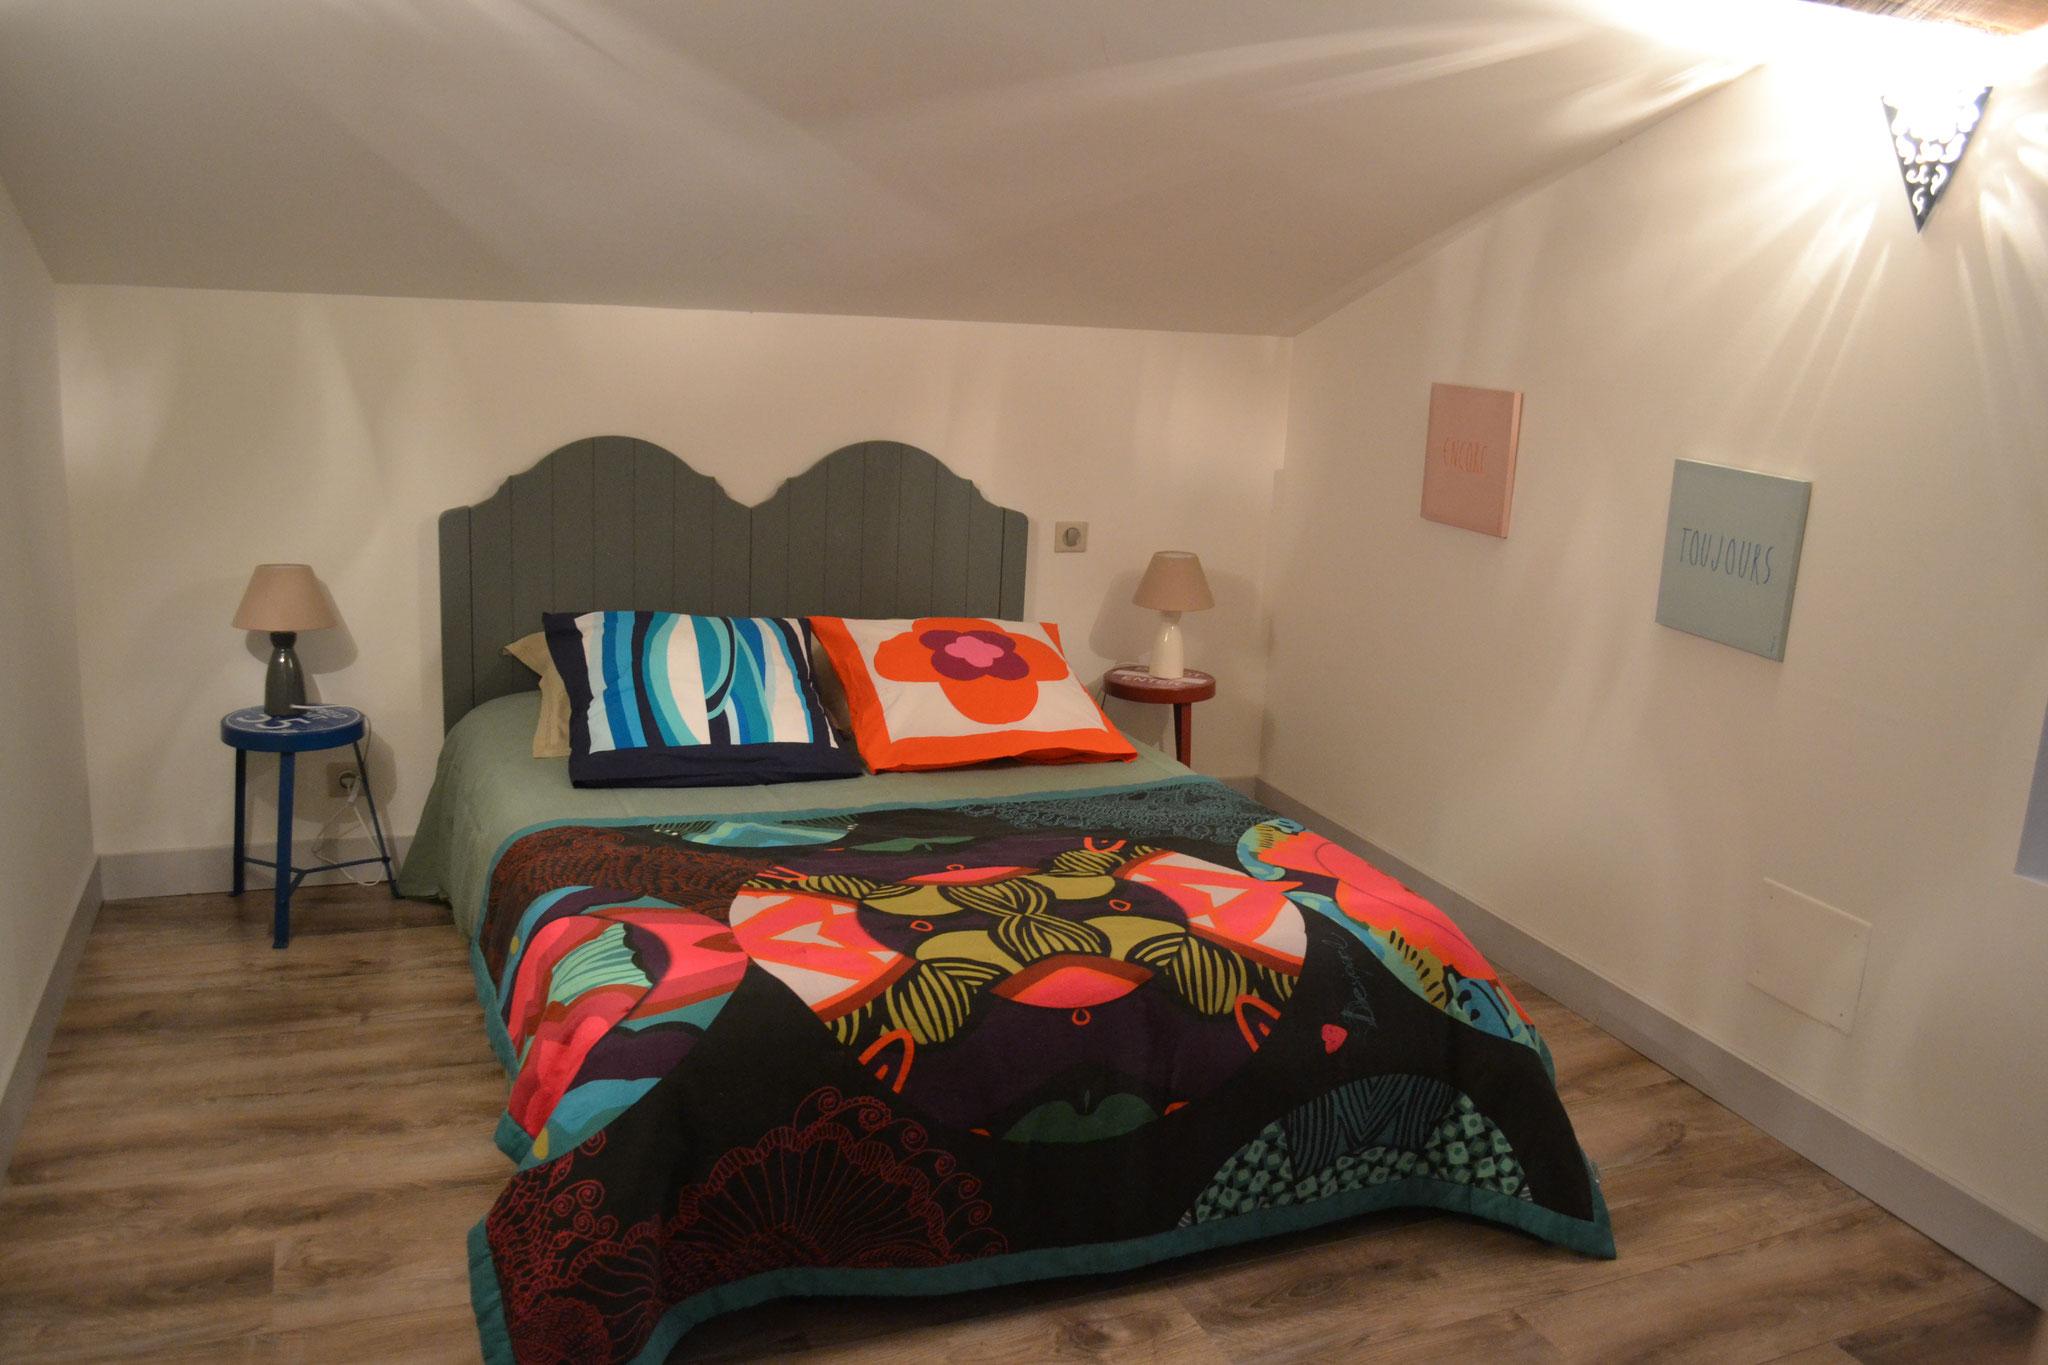 Chambre 3 - lit double 140*190 cm et deux lits superposés -  Gîte La Grange  - Gites du Maréchat à Cabariot